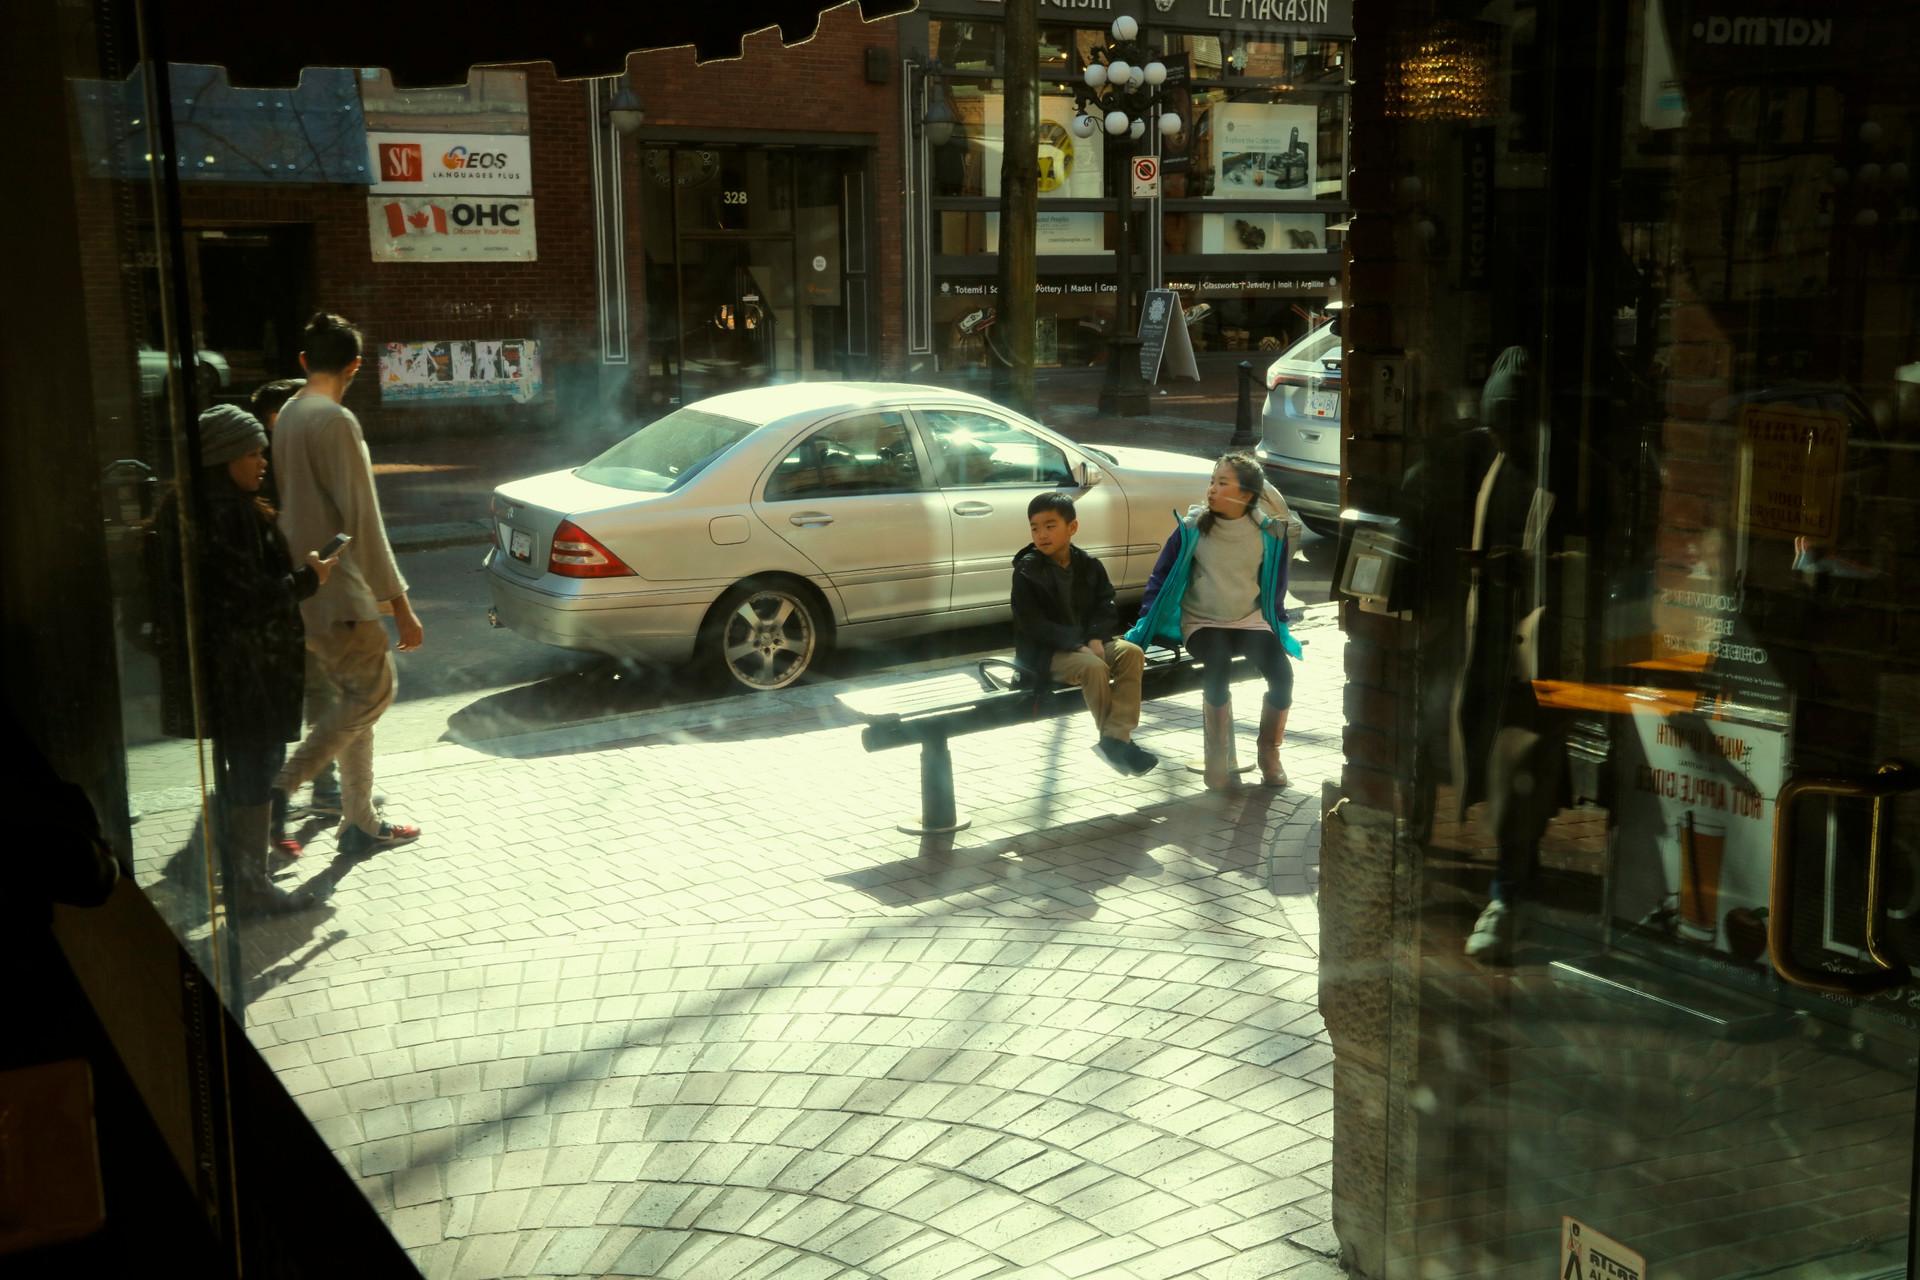 午後咖啡館定鏡眾生9